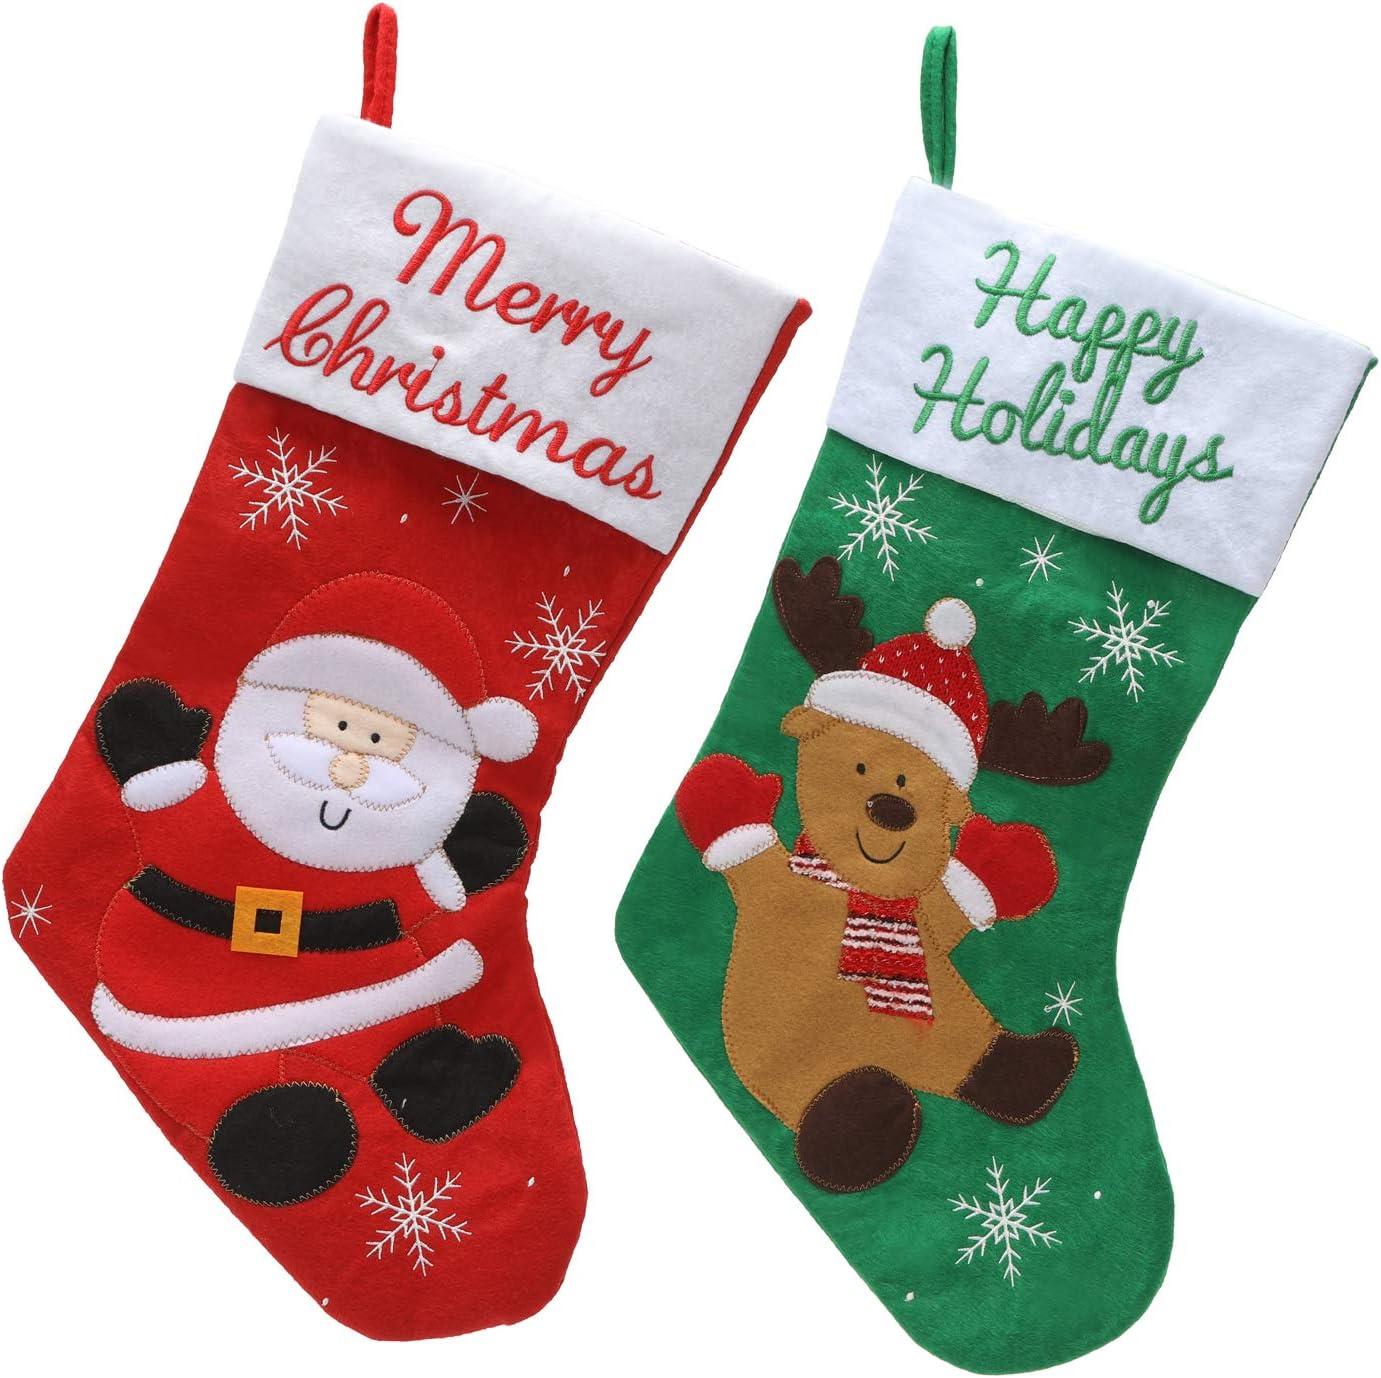 calcetines para beb/é y beb/é calcetines gruesos y c/álidos Calcetines de Navidad para ni/ños 6 pares de algod/ón unisex bonitos calcetines de Navidad regalo de Navidad